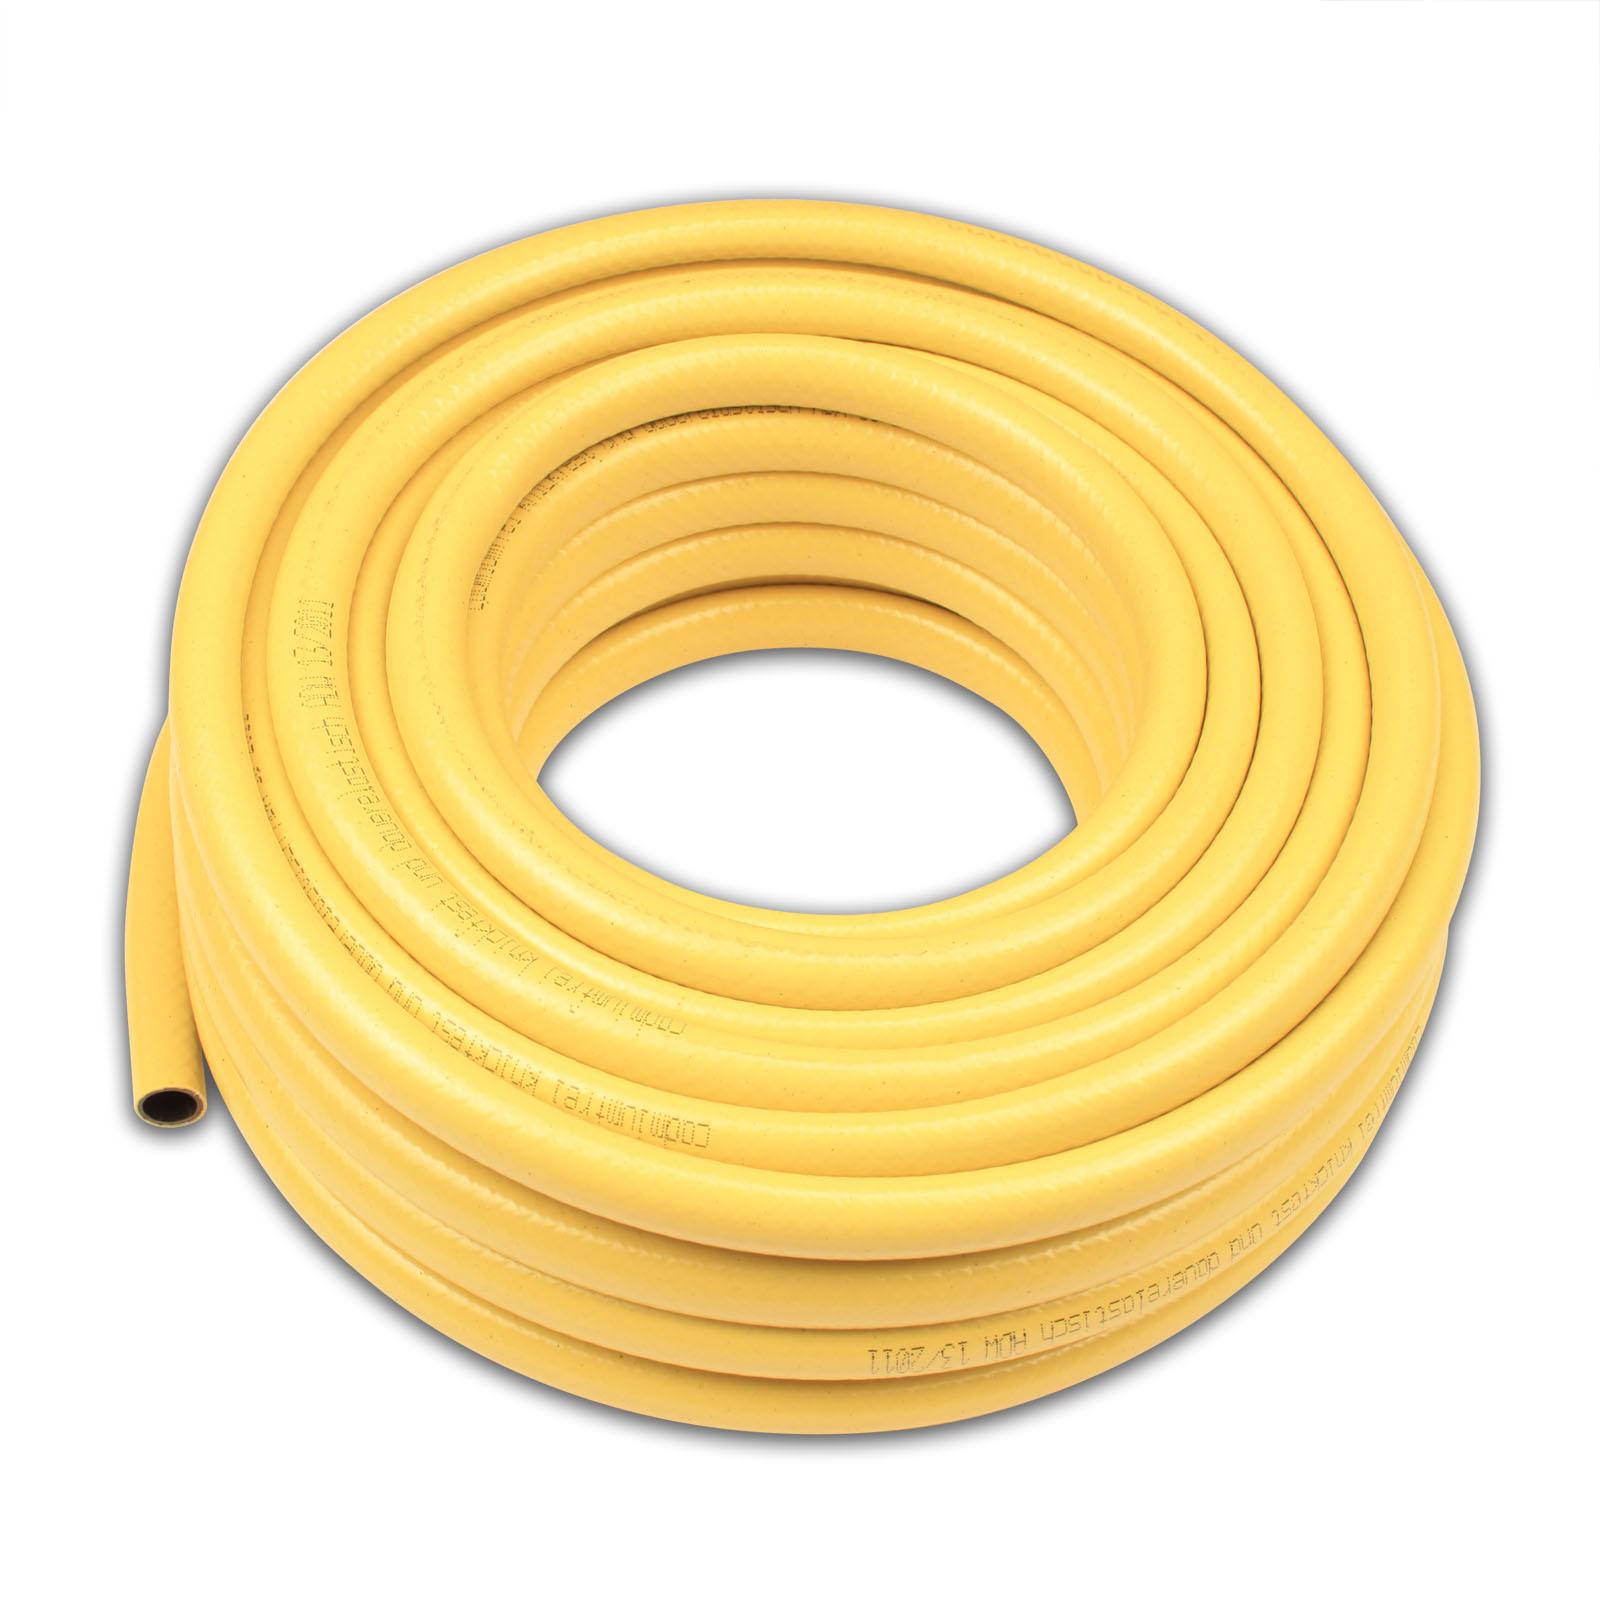 20 meter schlauch gartenschlauch wasserschlauch 1 2 zoll farbe gelb plus zubeh r ebay. Black Bedroom Furniture Sets. Home Design Ideas